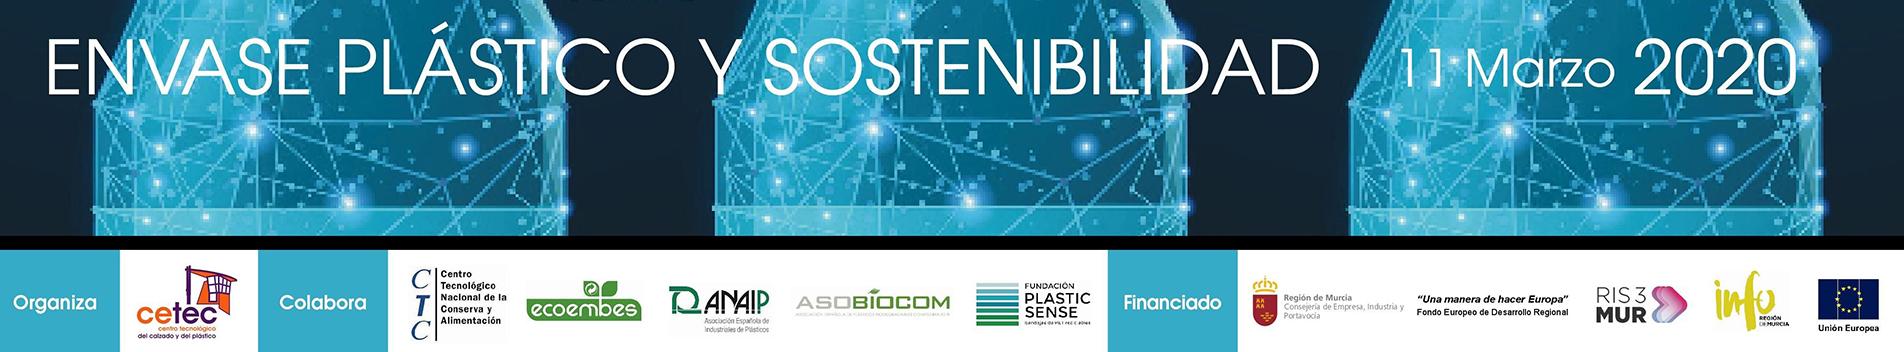 ASOBIOCOM en la Jornada Envase Plástico y Sostenibilidad